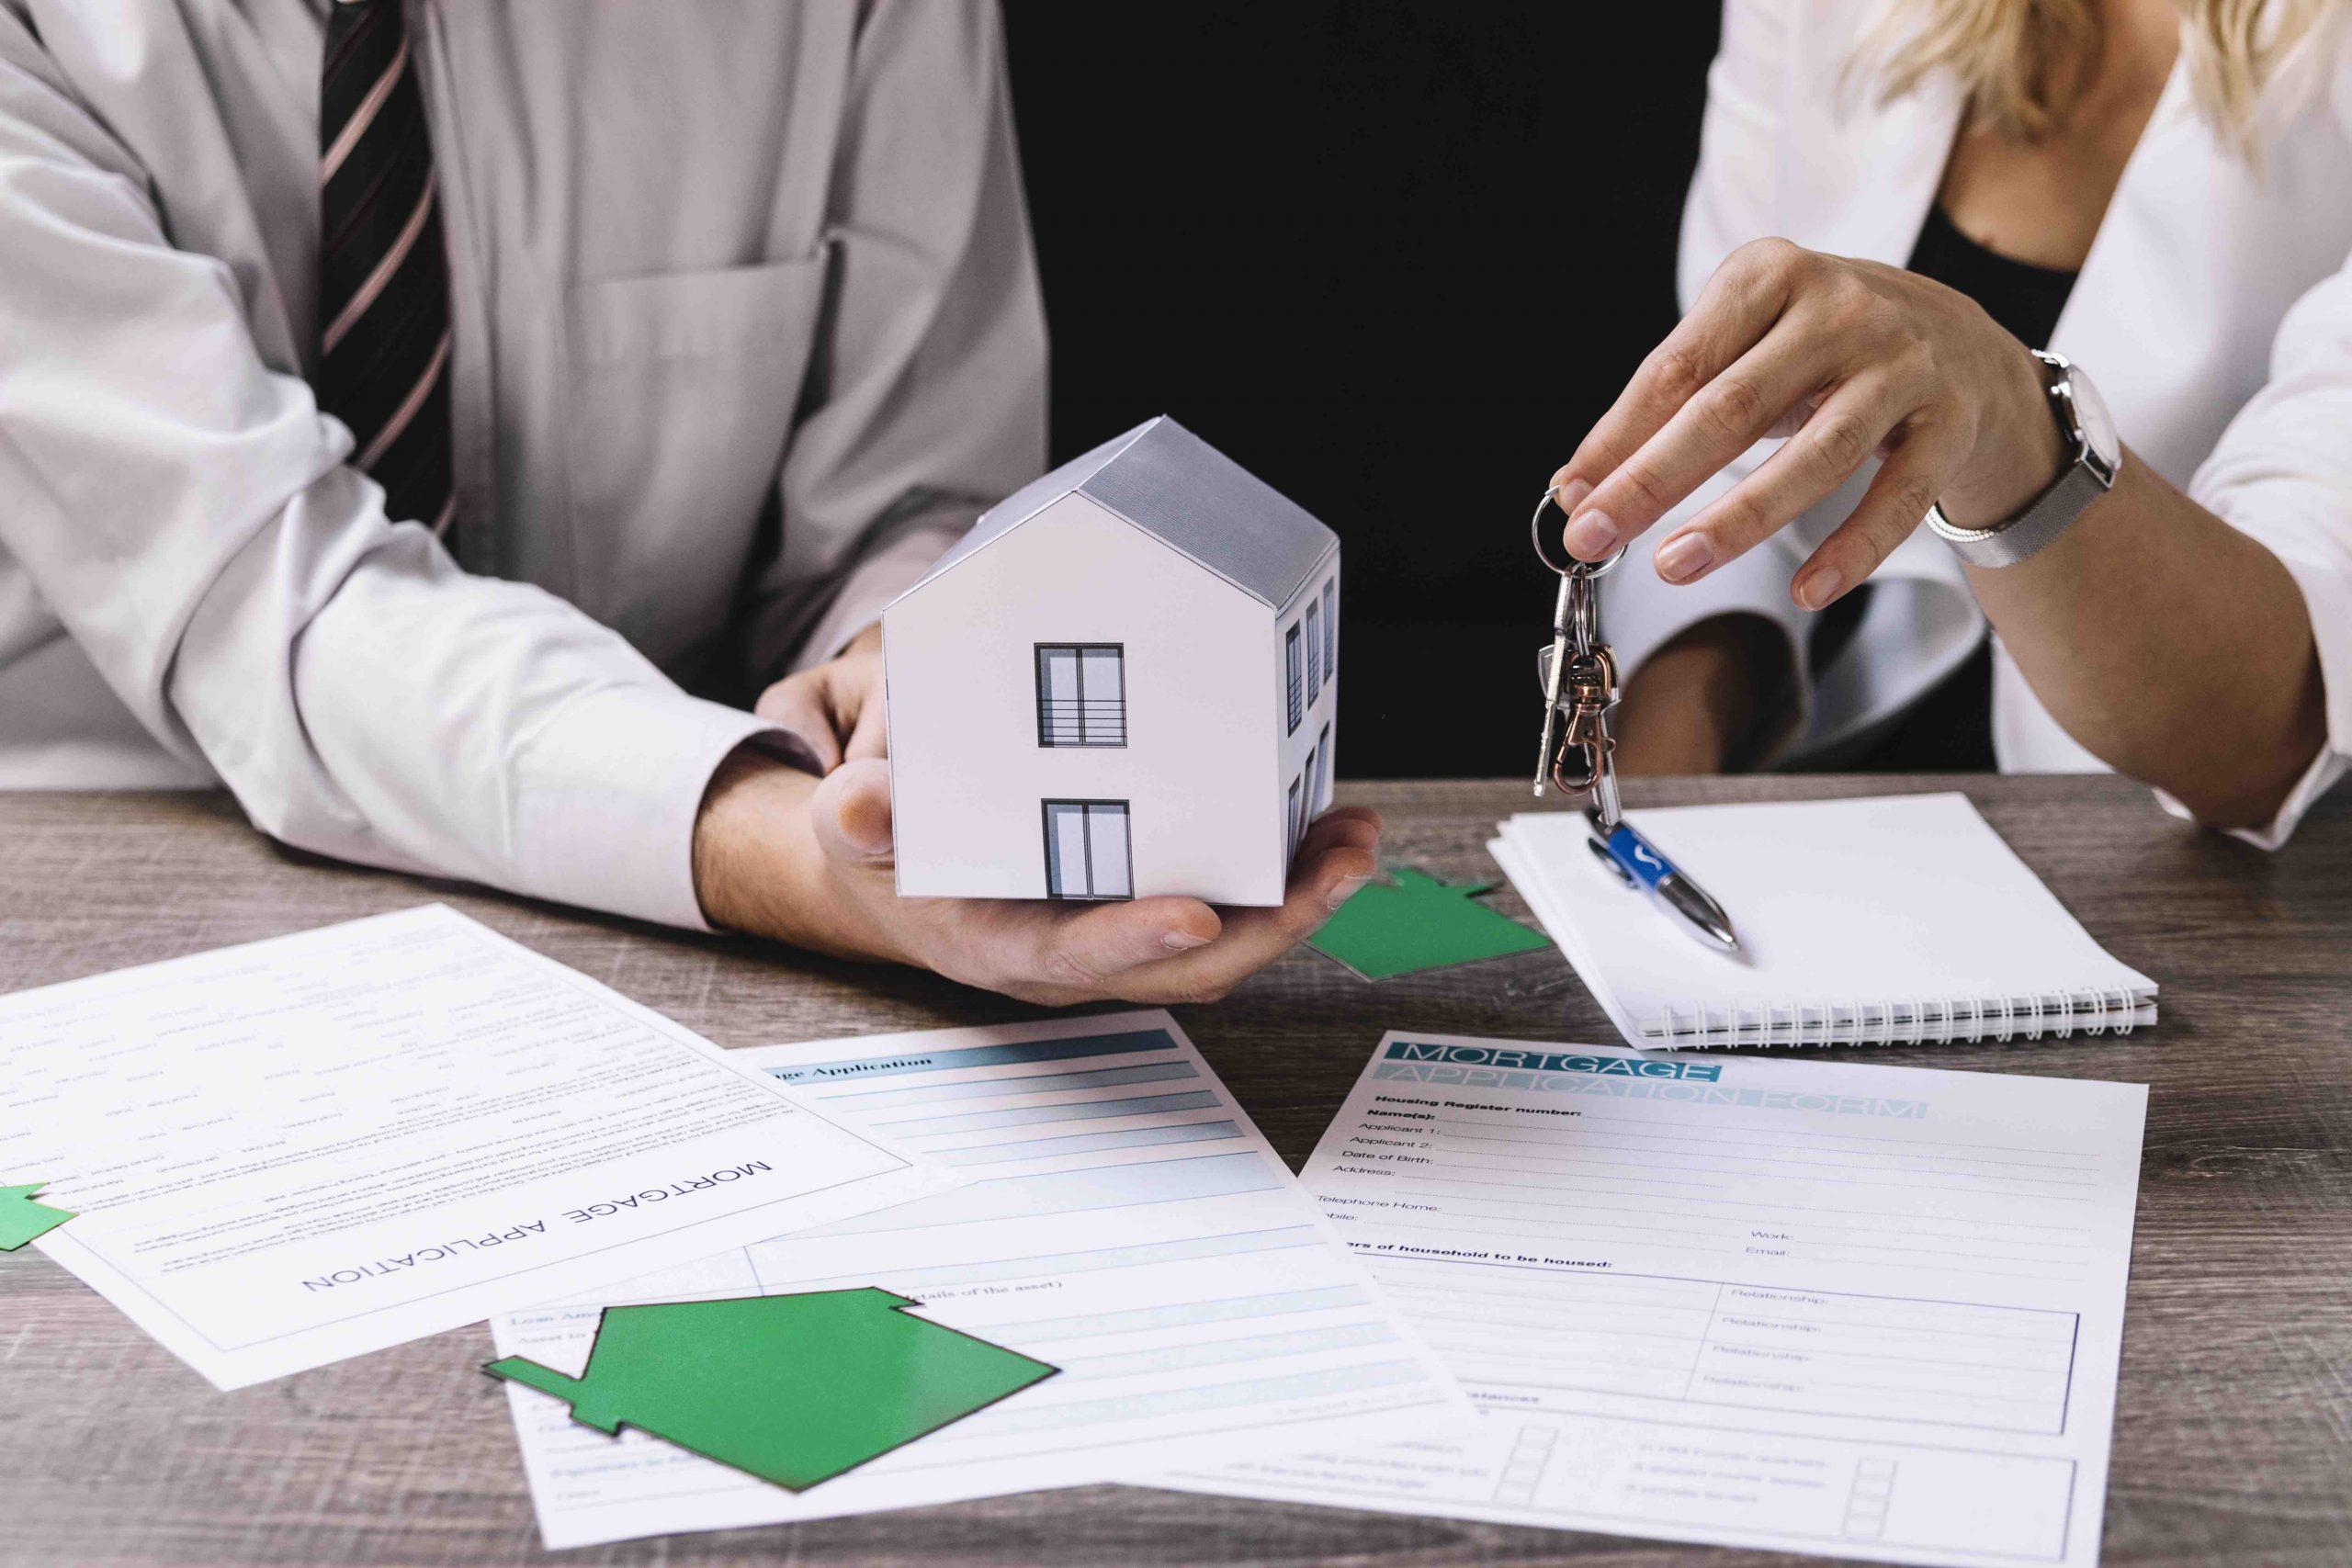 ¿Qué son los bienes raíces? Inicia desde cero